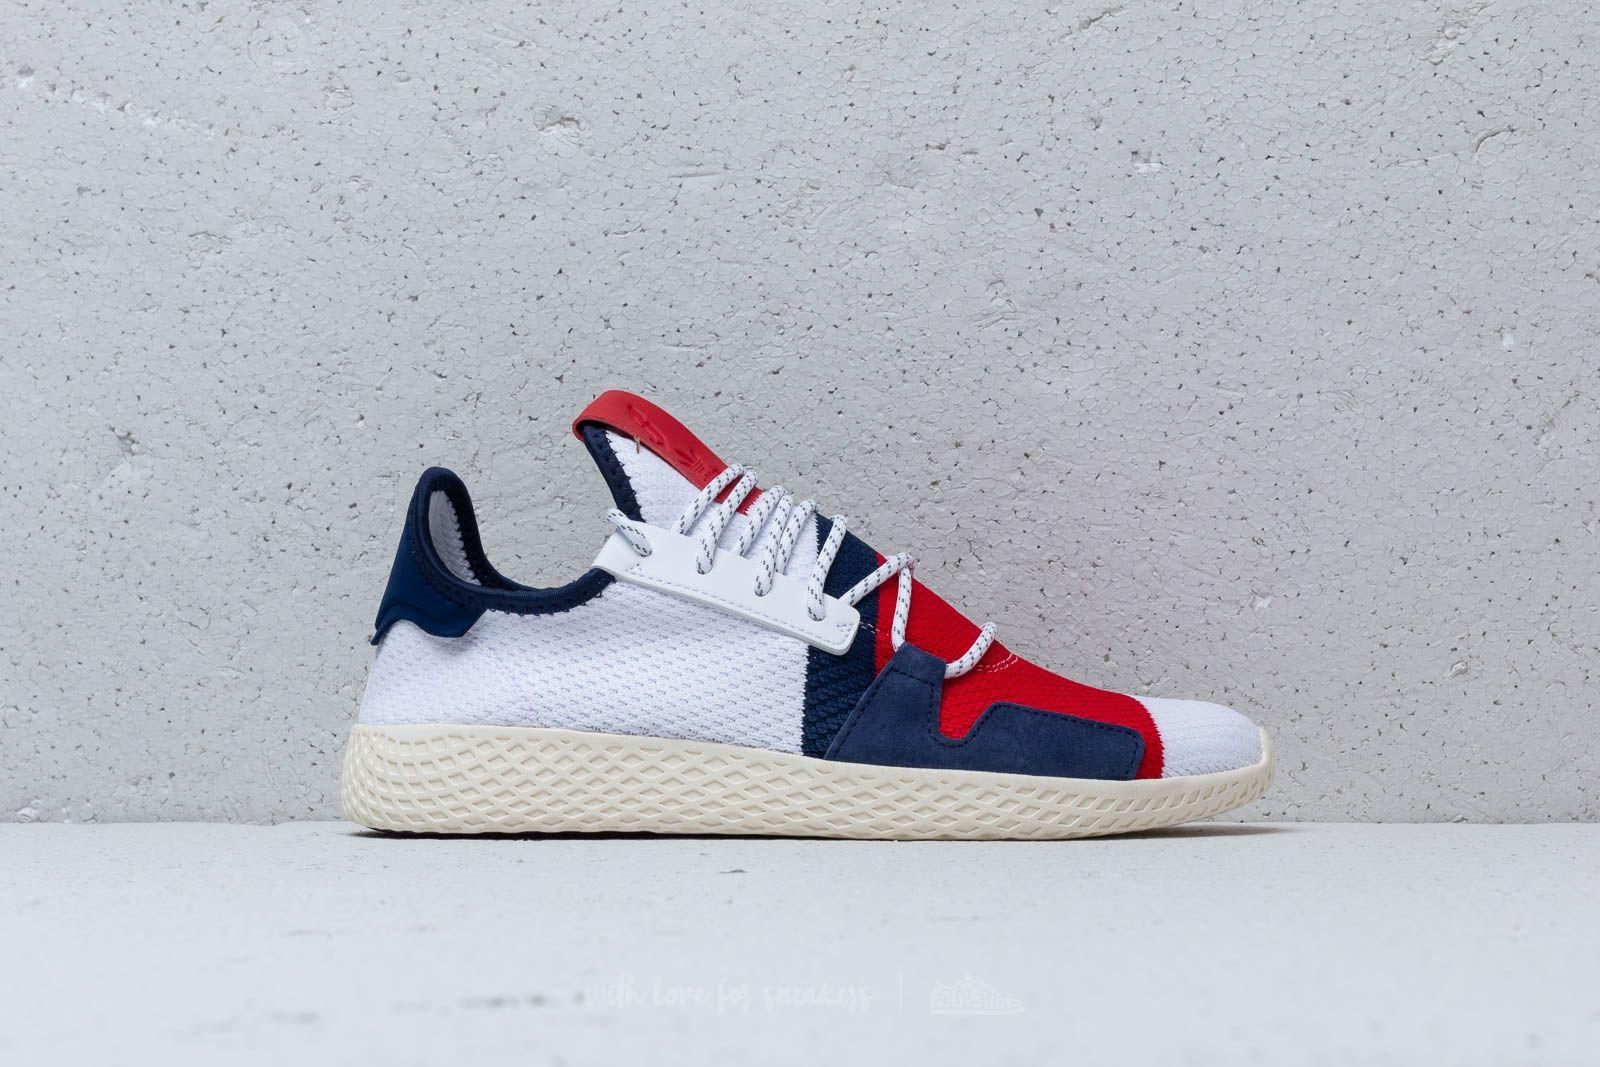 Adidas Hu White Williams Pharrell X V2 Bbc ScarletFootshop Footwear n0OwkP